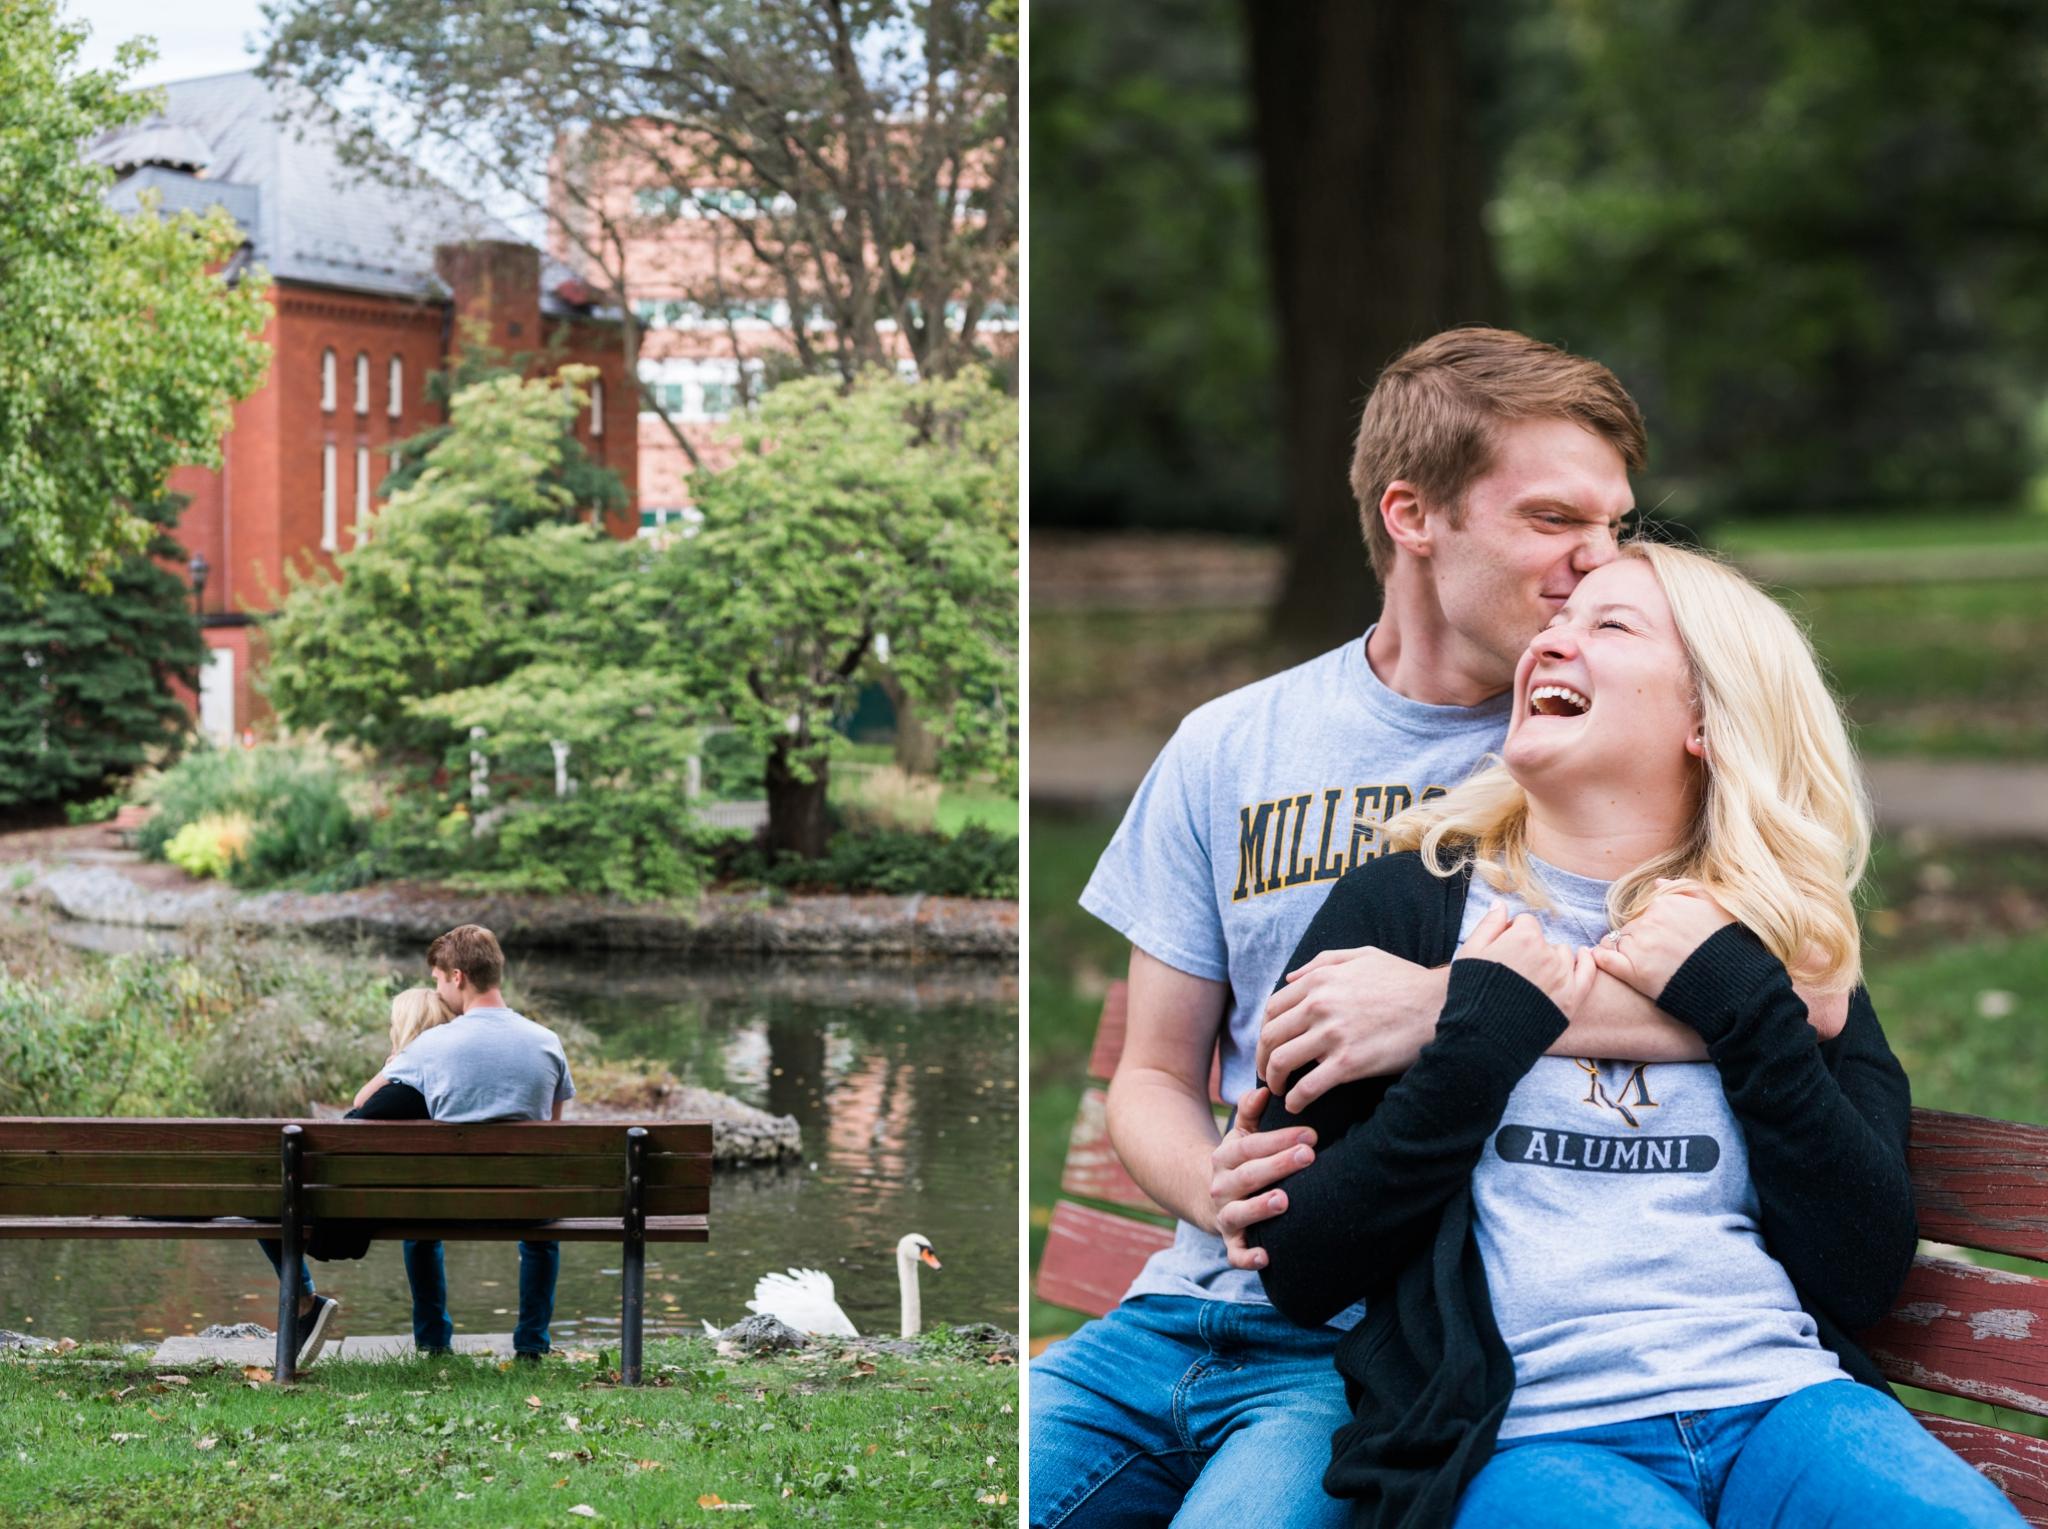 millgesville dating)